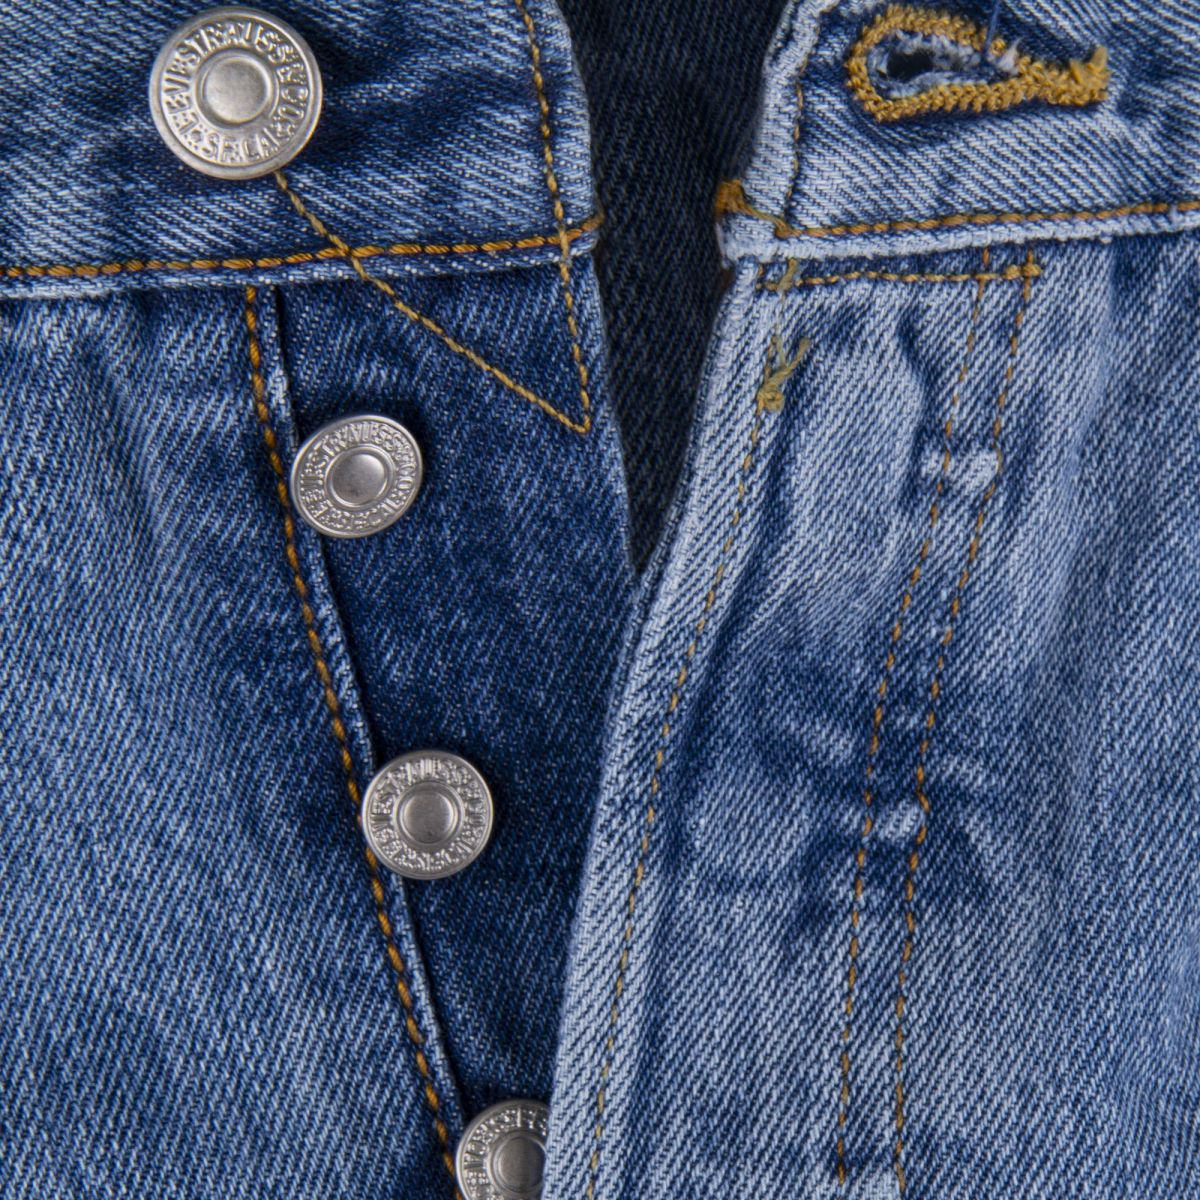 3b5084a7dc2 ... Jean bleu clair homme 501 Original fit LEVIS marque pas cher prix  dégriffés destockage ...